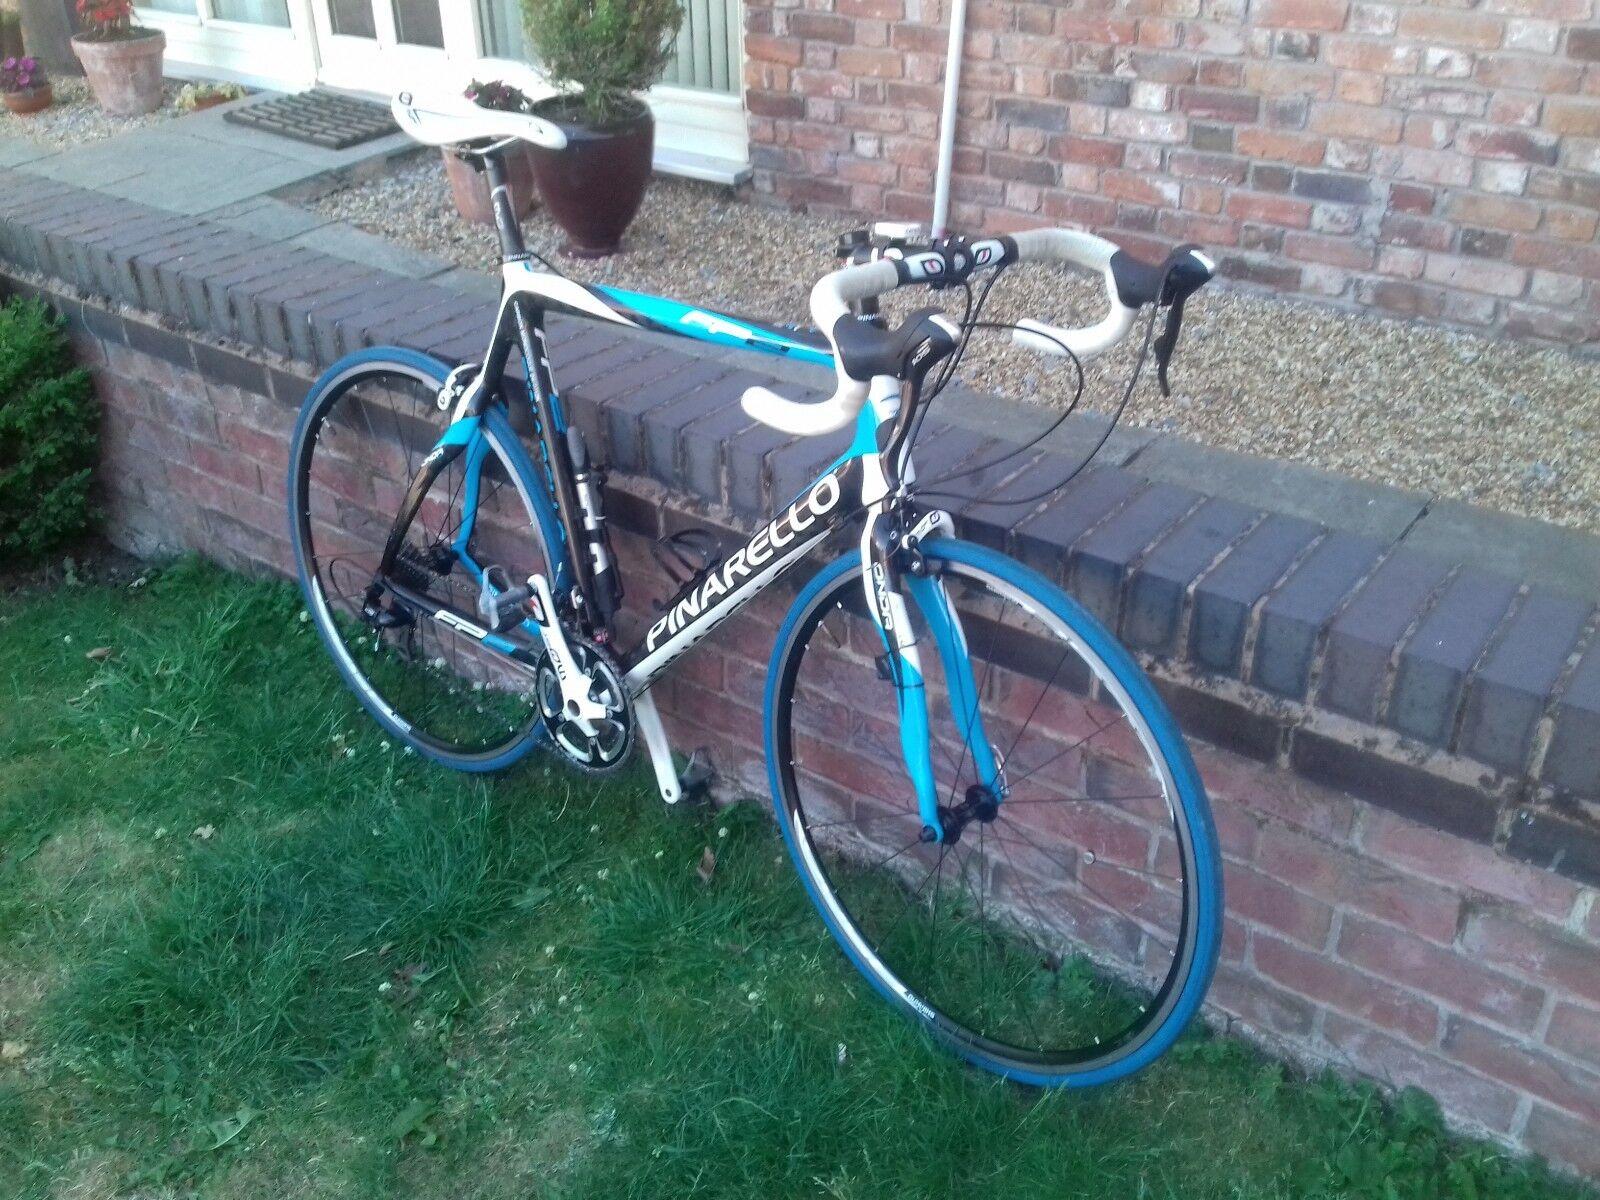 Pinarello FP2 Carbon Fibre Road Bike 56cm